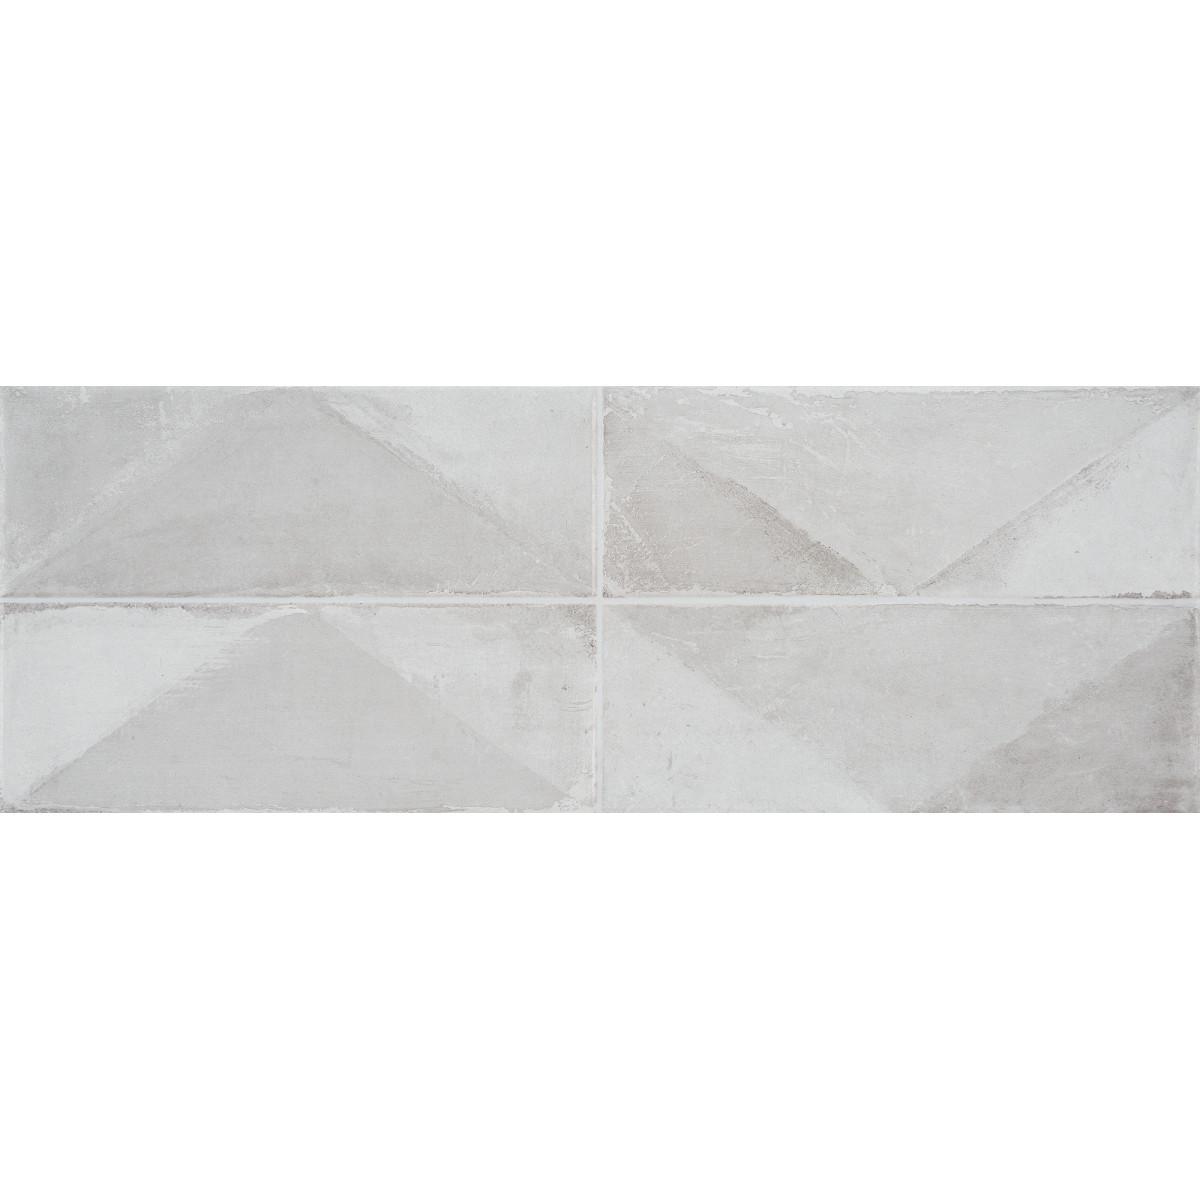 Плитка настенная Concept Blanco 25х70 см 1.23 м² цвет серый